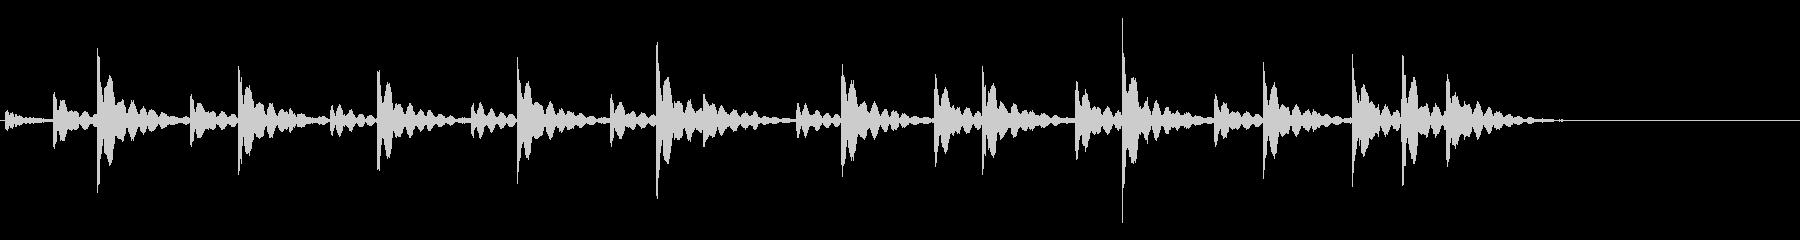 小和太鼓アフリカ版Dunフレーズ音+FXの未再生の波形